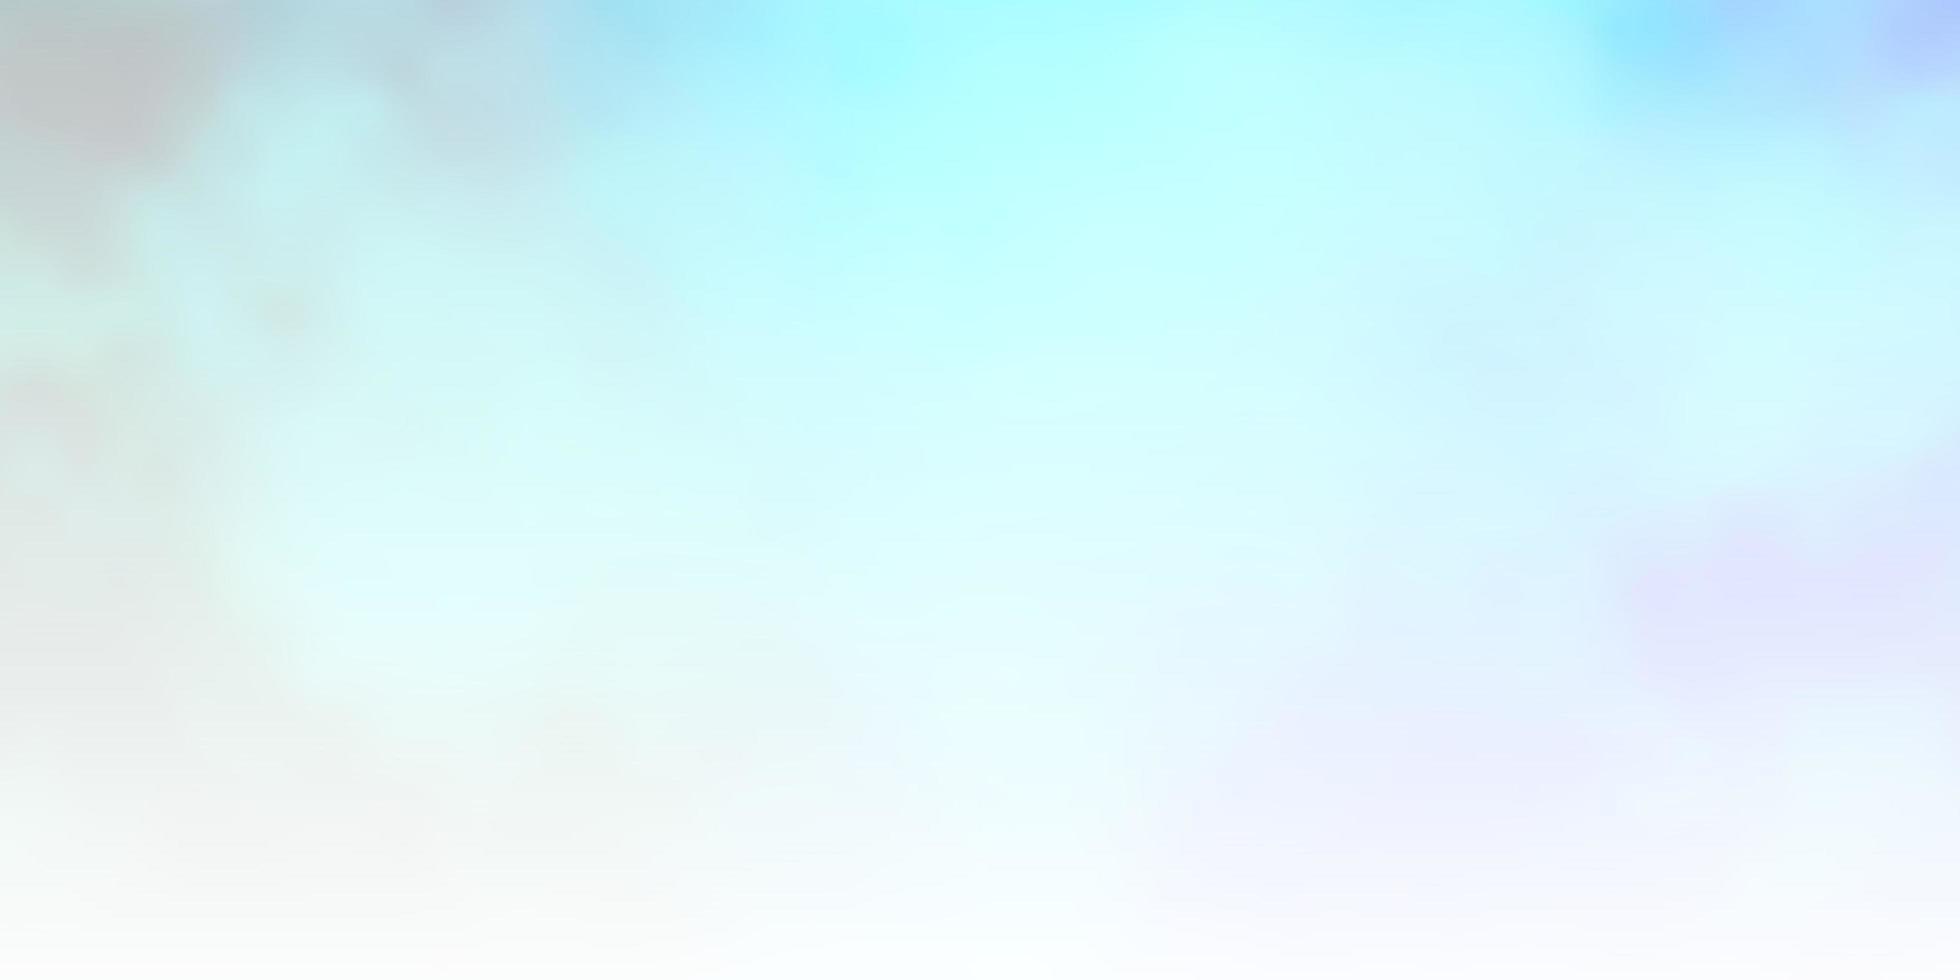 textura vector azul escuro com céu nublado.